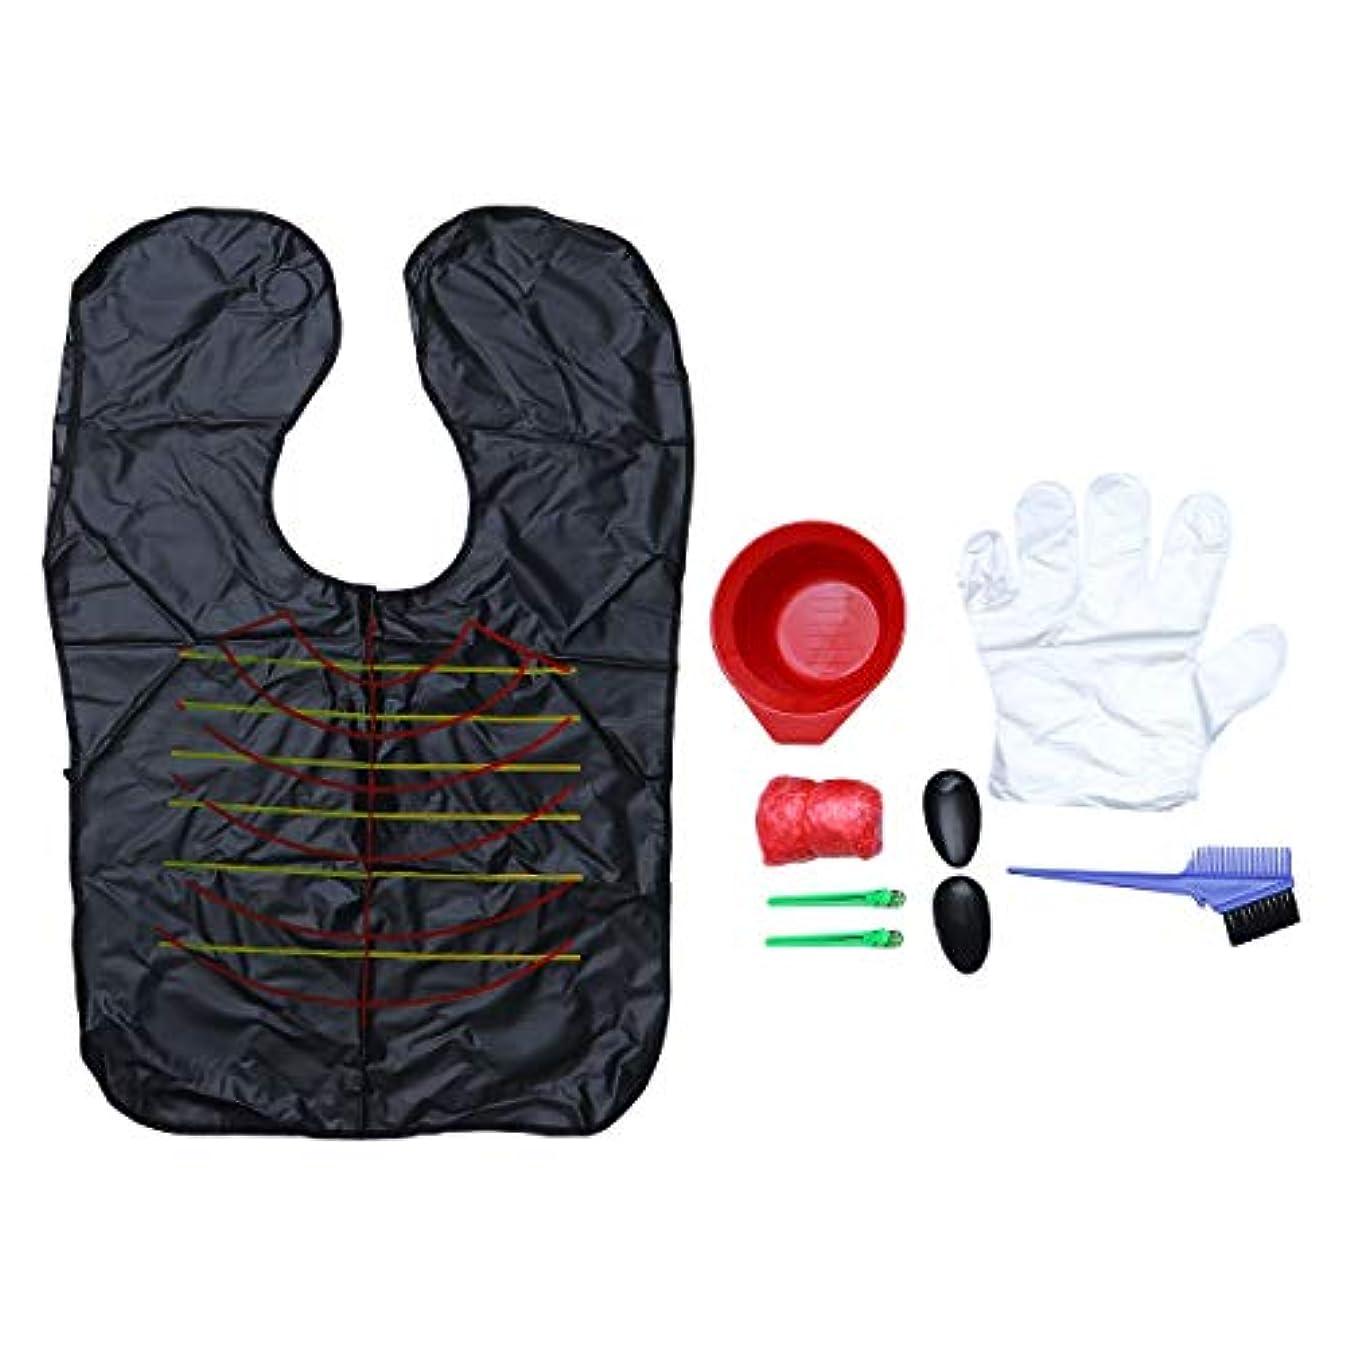 要件遷移対象HEALLILY ヘアカラー染色キットヘアダイDIYツールダイブラシミキシングボウルイヤーキャップシャワーキャップ弾性手袋9個(ランダムカラー)